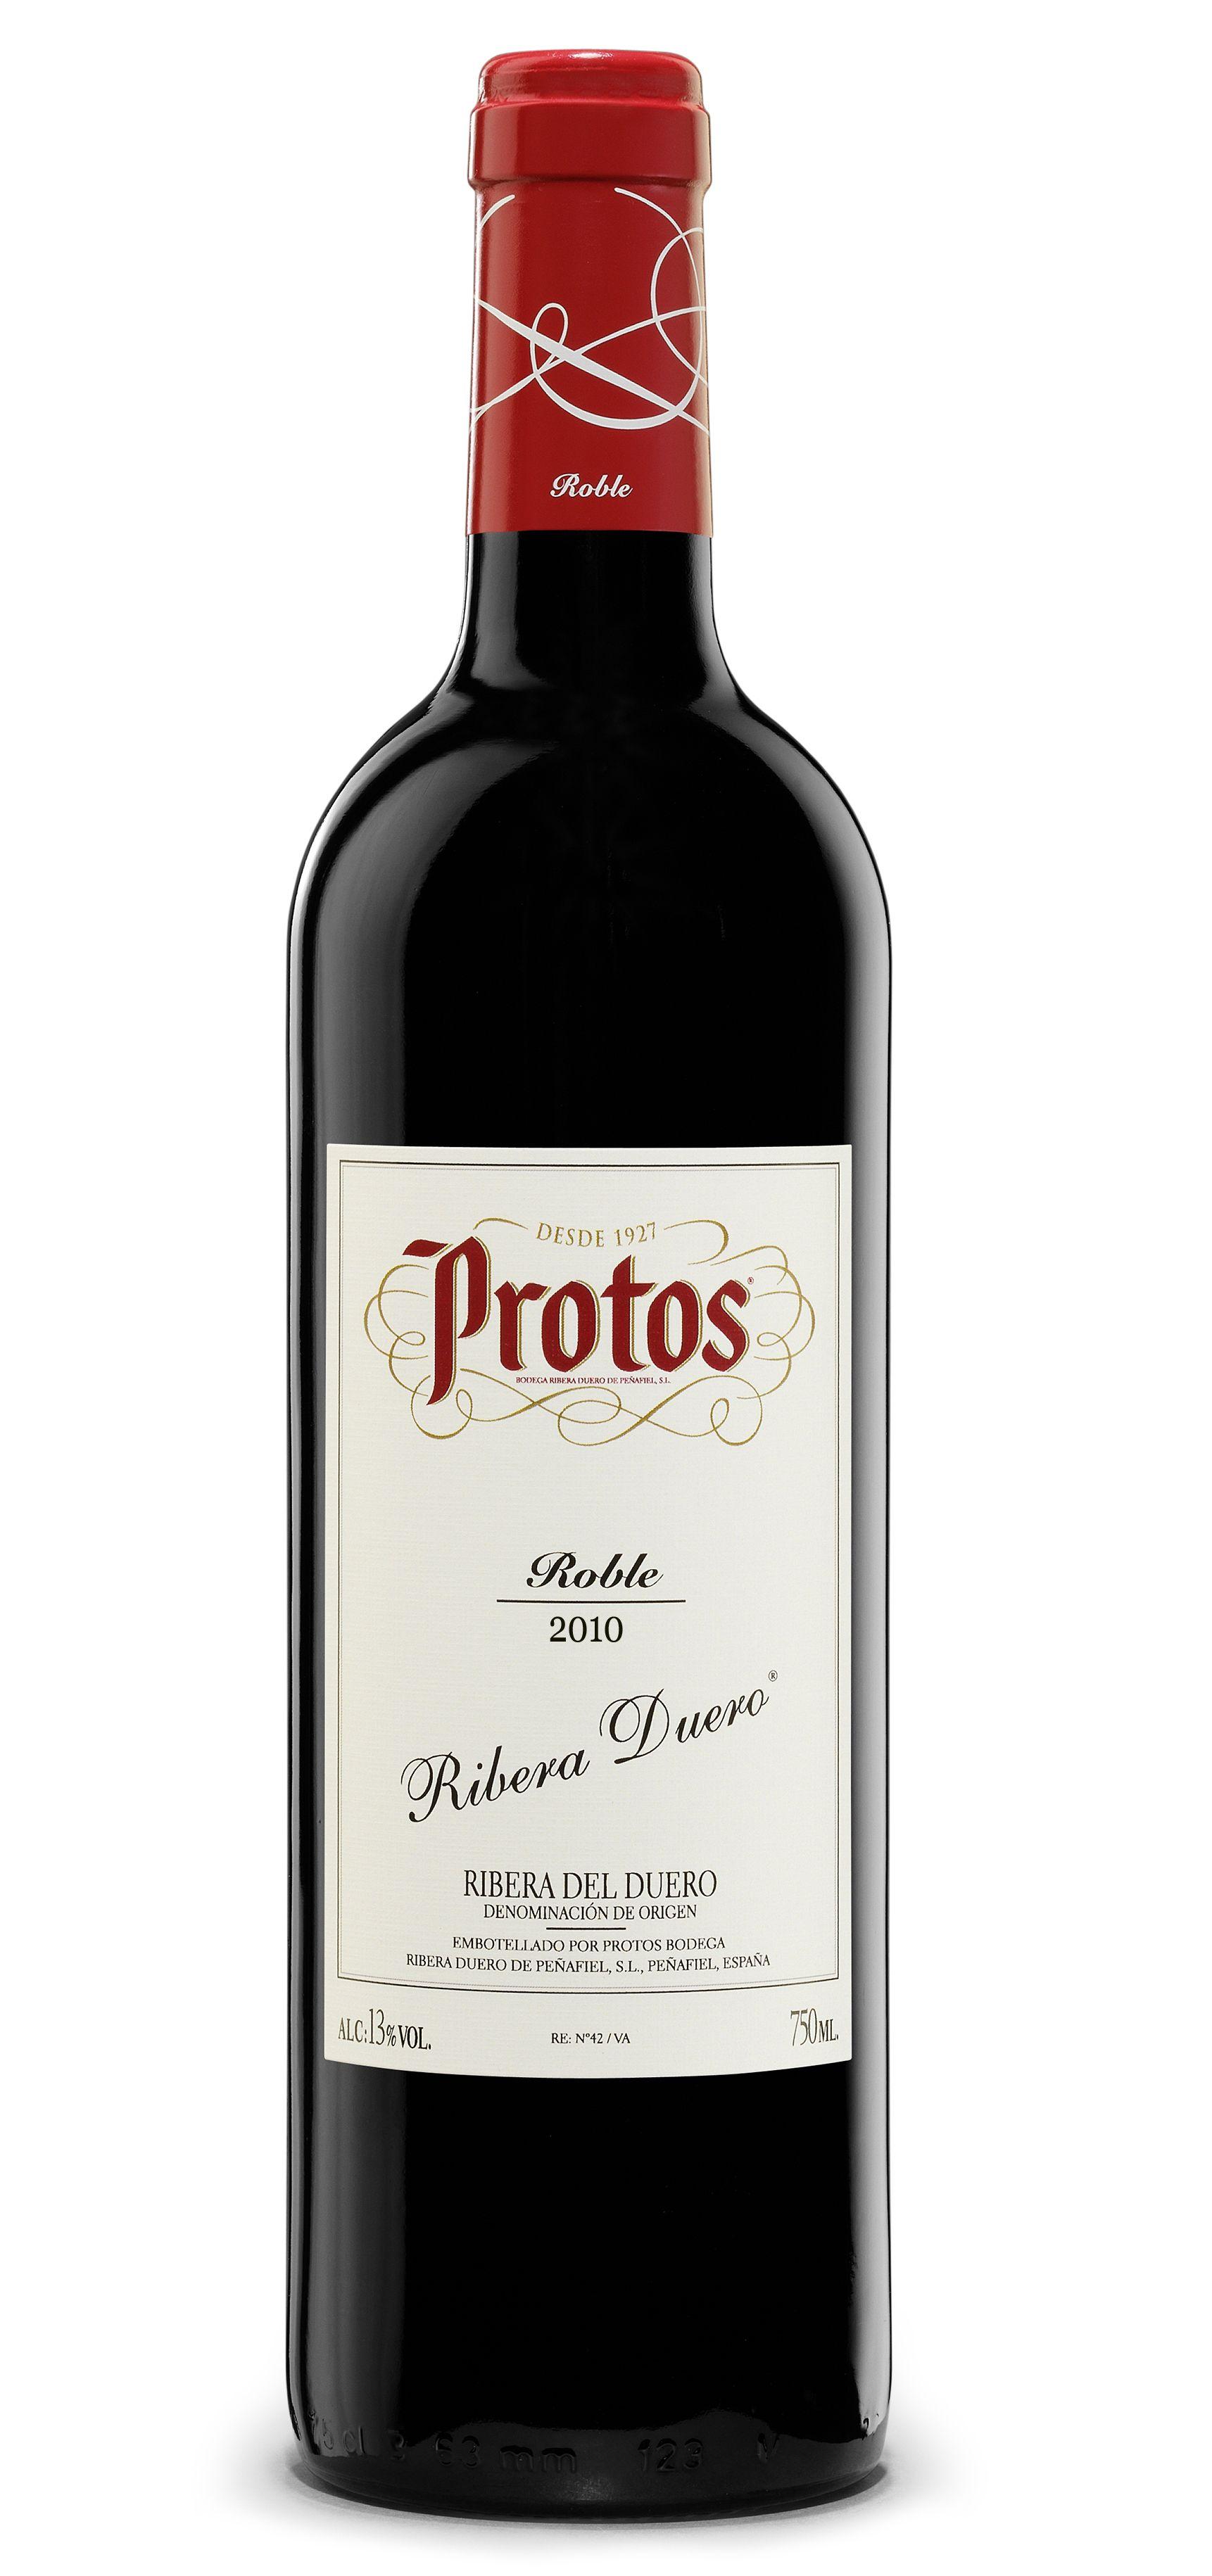 Protos Roble 2010 wine spain vinos maximum